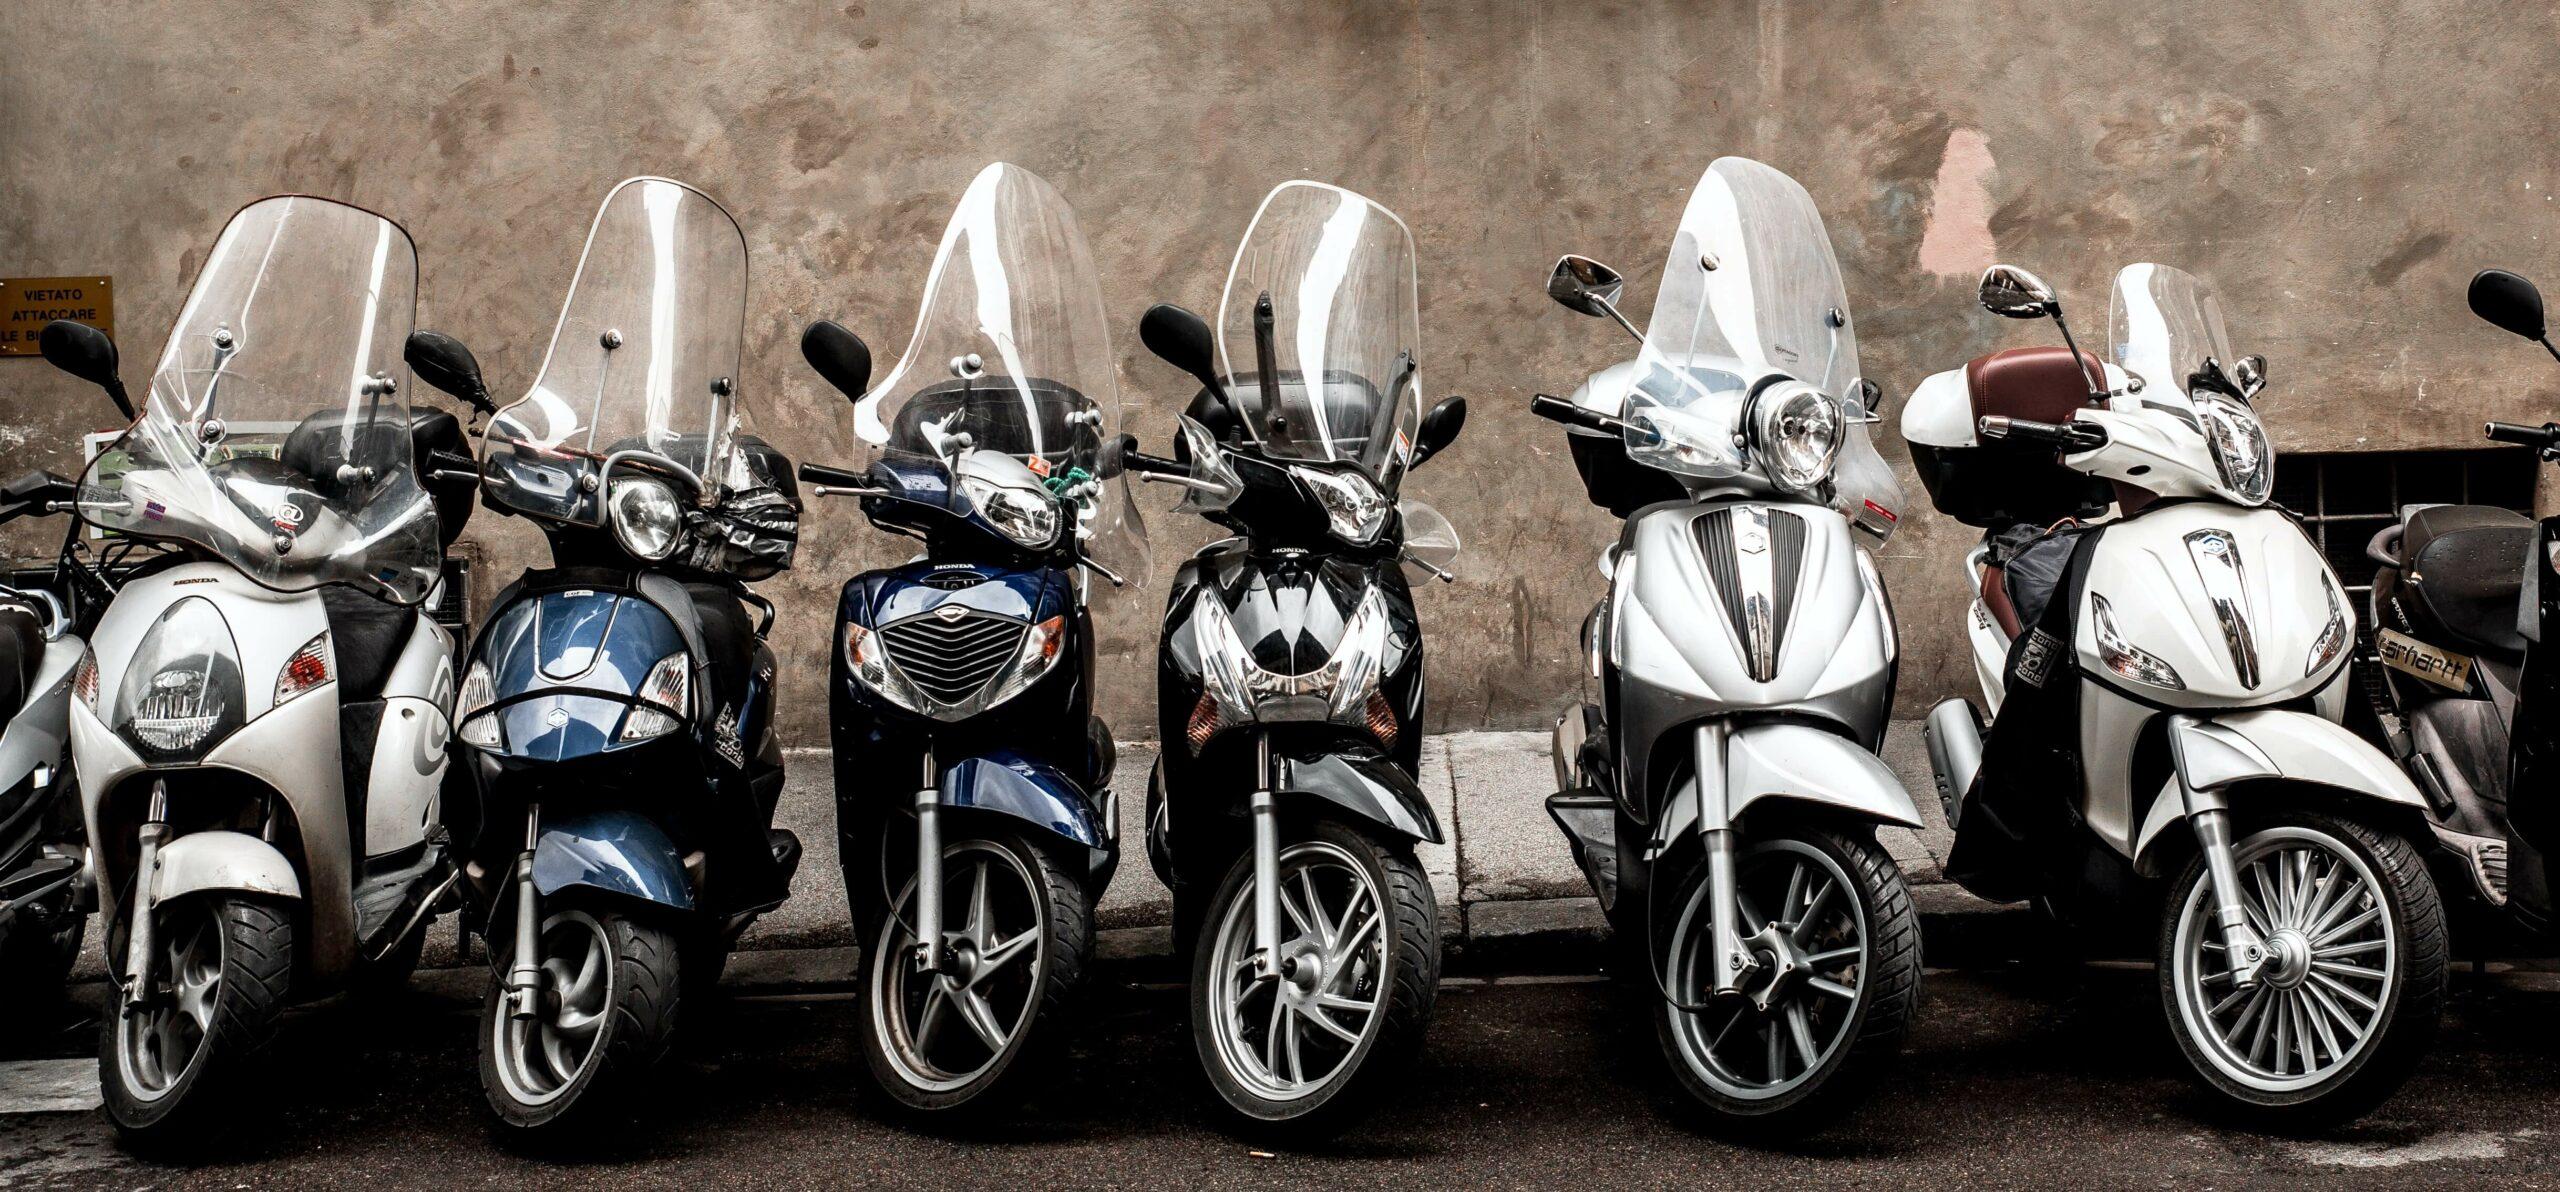 Quels sont les véhicules les plus volés en France ?